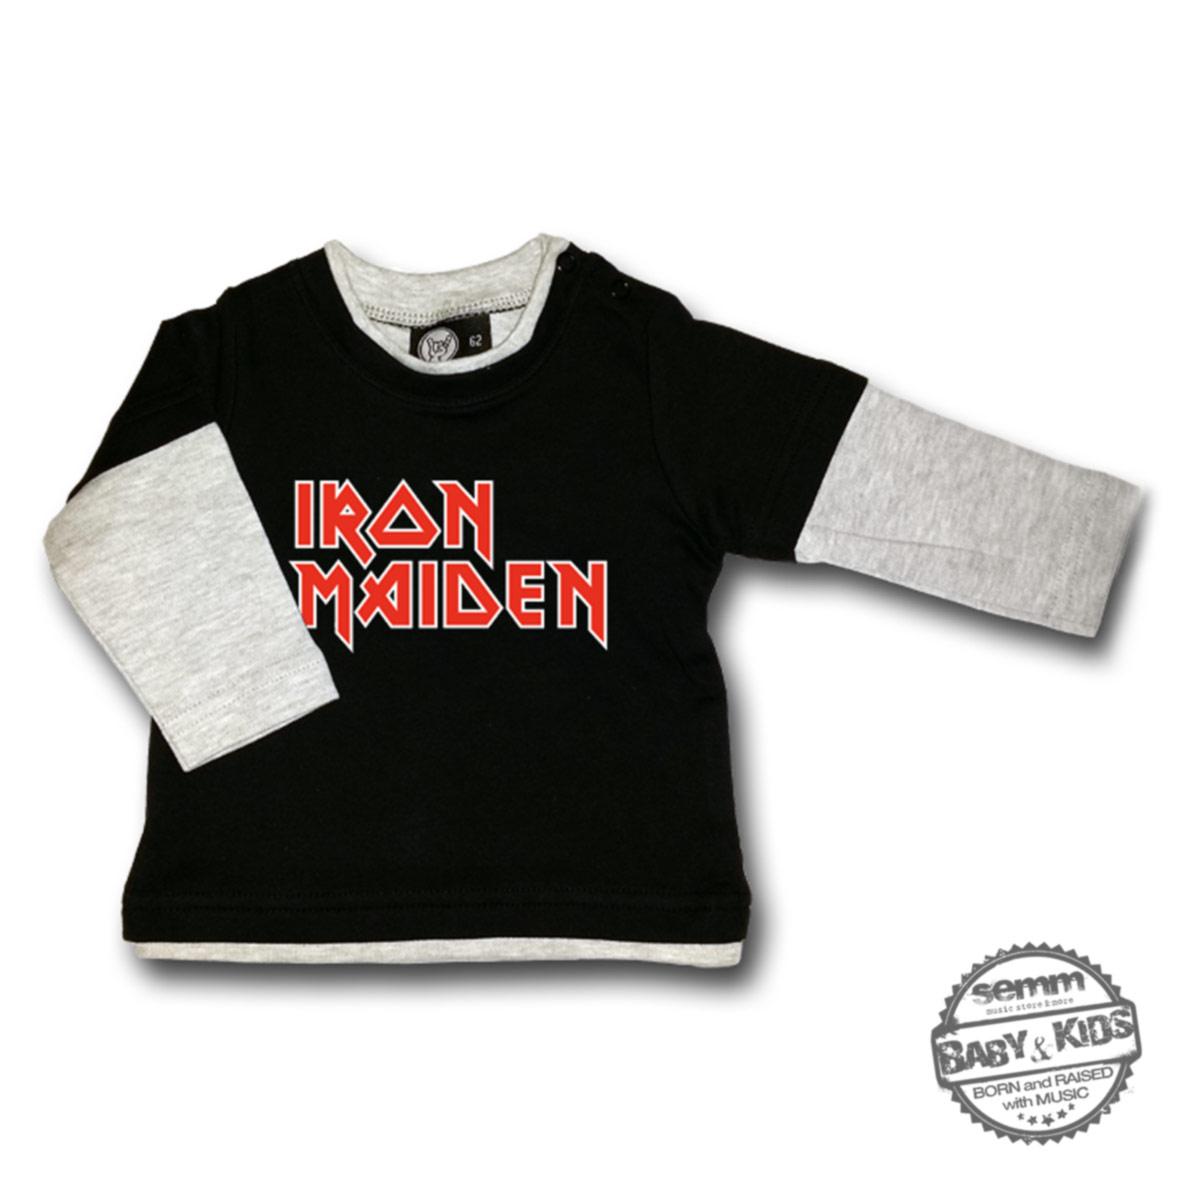 IRON MAIDEN, T-shirt 0-24mesi